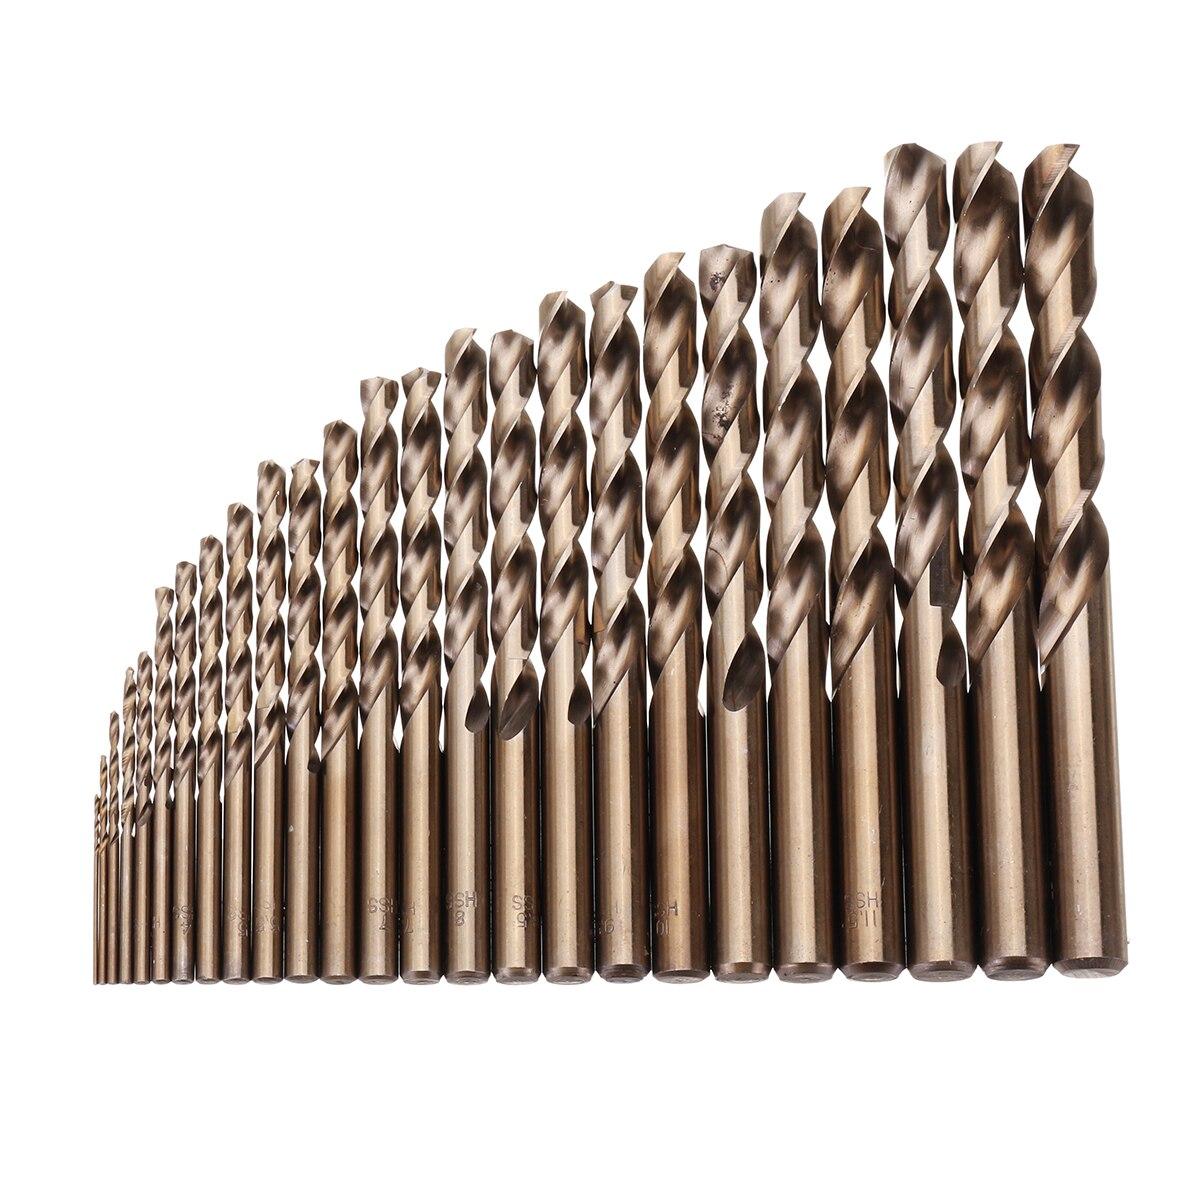 25pcs 1-13mm HSS M35 Cobalt Twist Drill Bit Set For Metal Wood Drilling Drill Bit Sets Kits